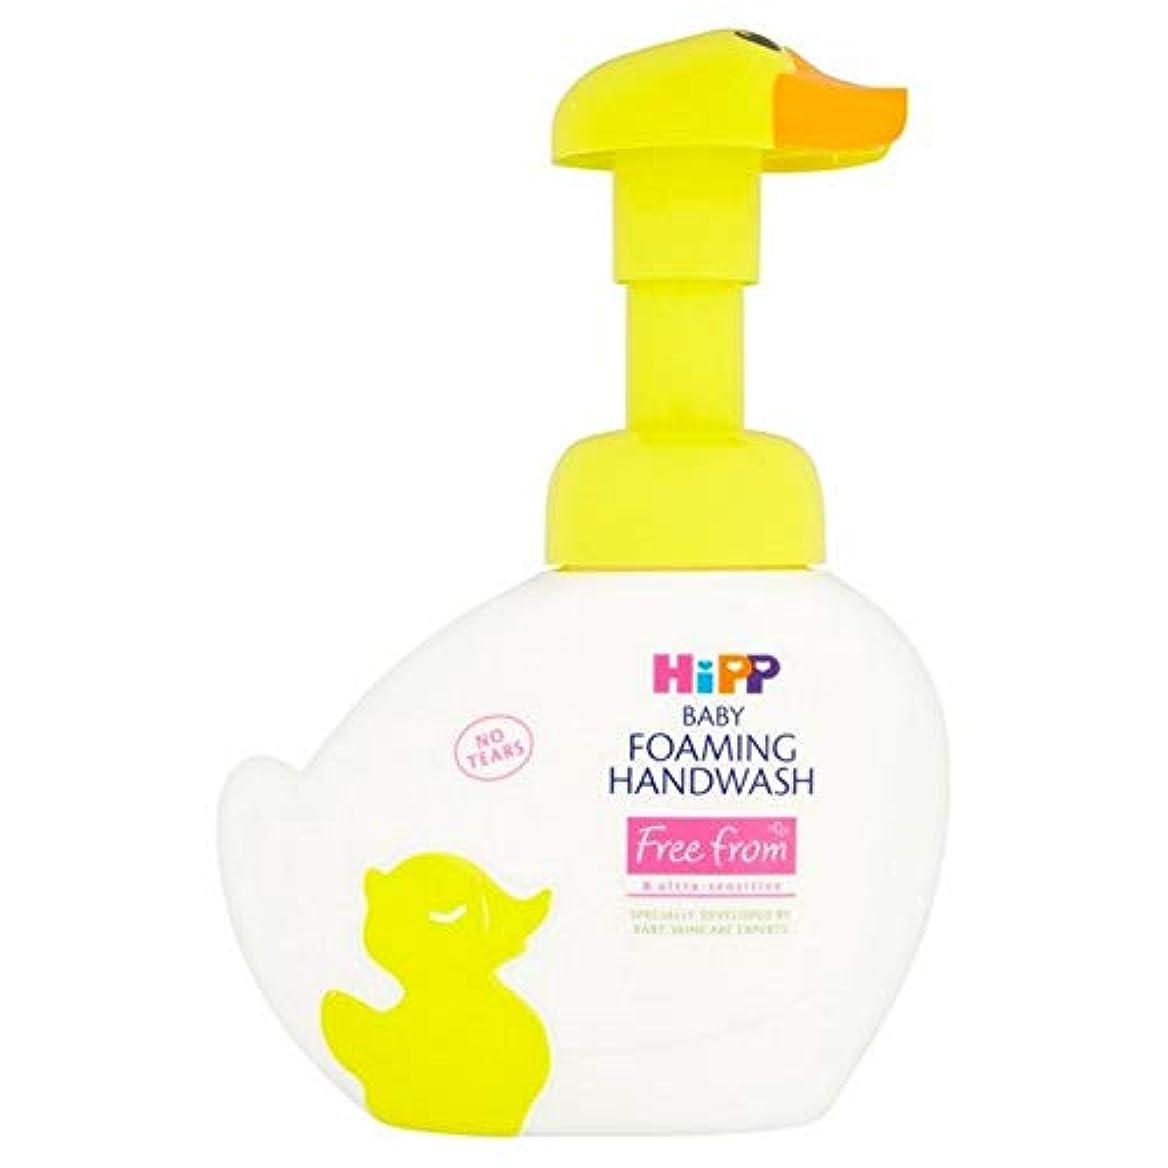 前奏曲ブルーベル一晩[Hipp ] ヒップアヒル発泡手洗いの250ミリリットル - HiPP Duck Foaming Handwash 250ml [並行輸入品]